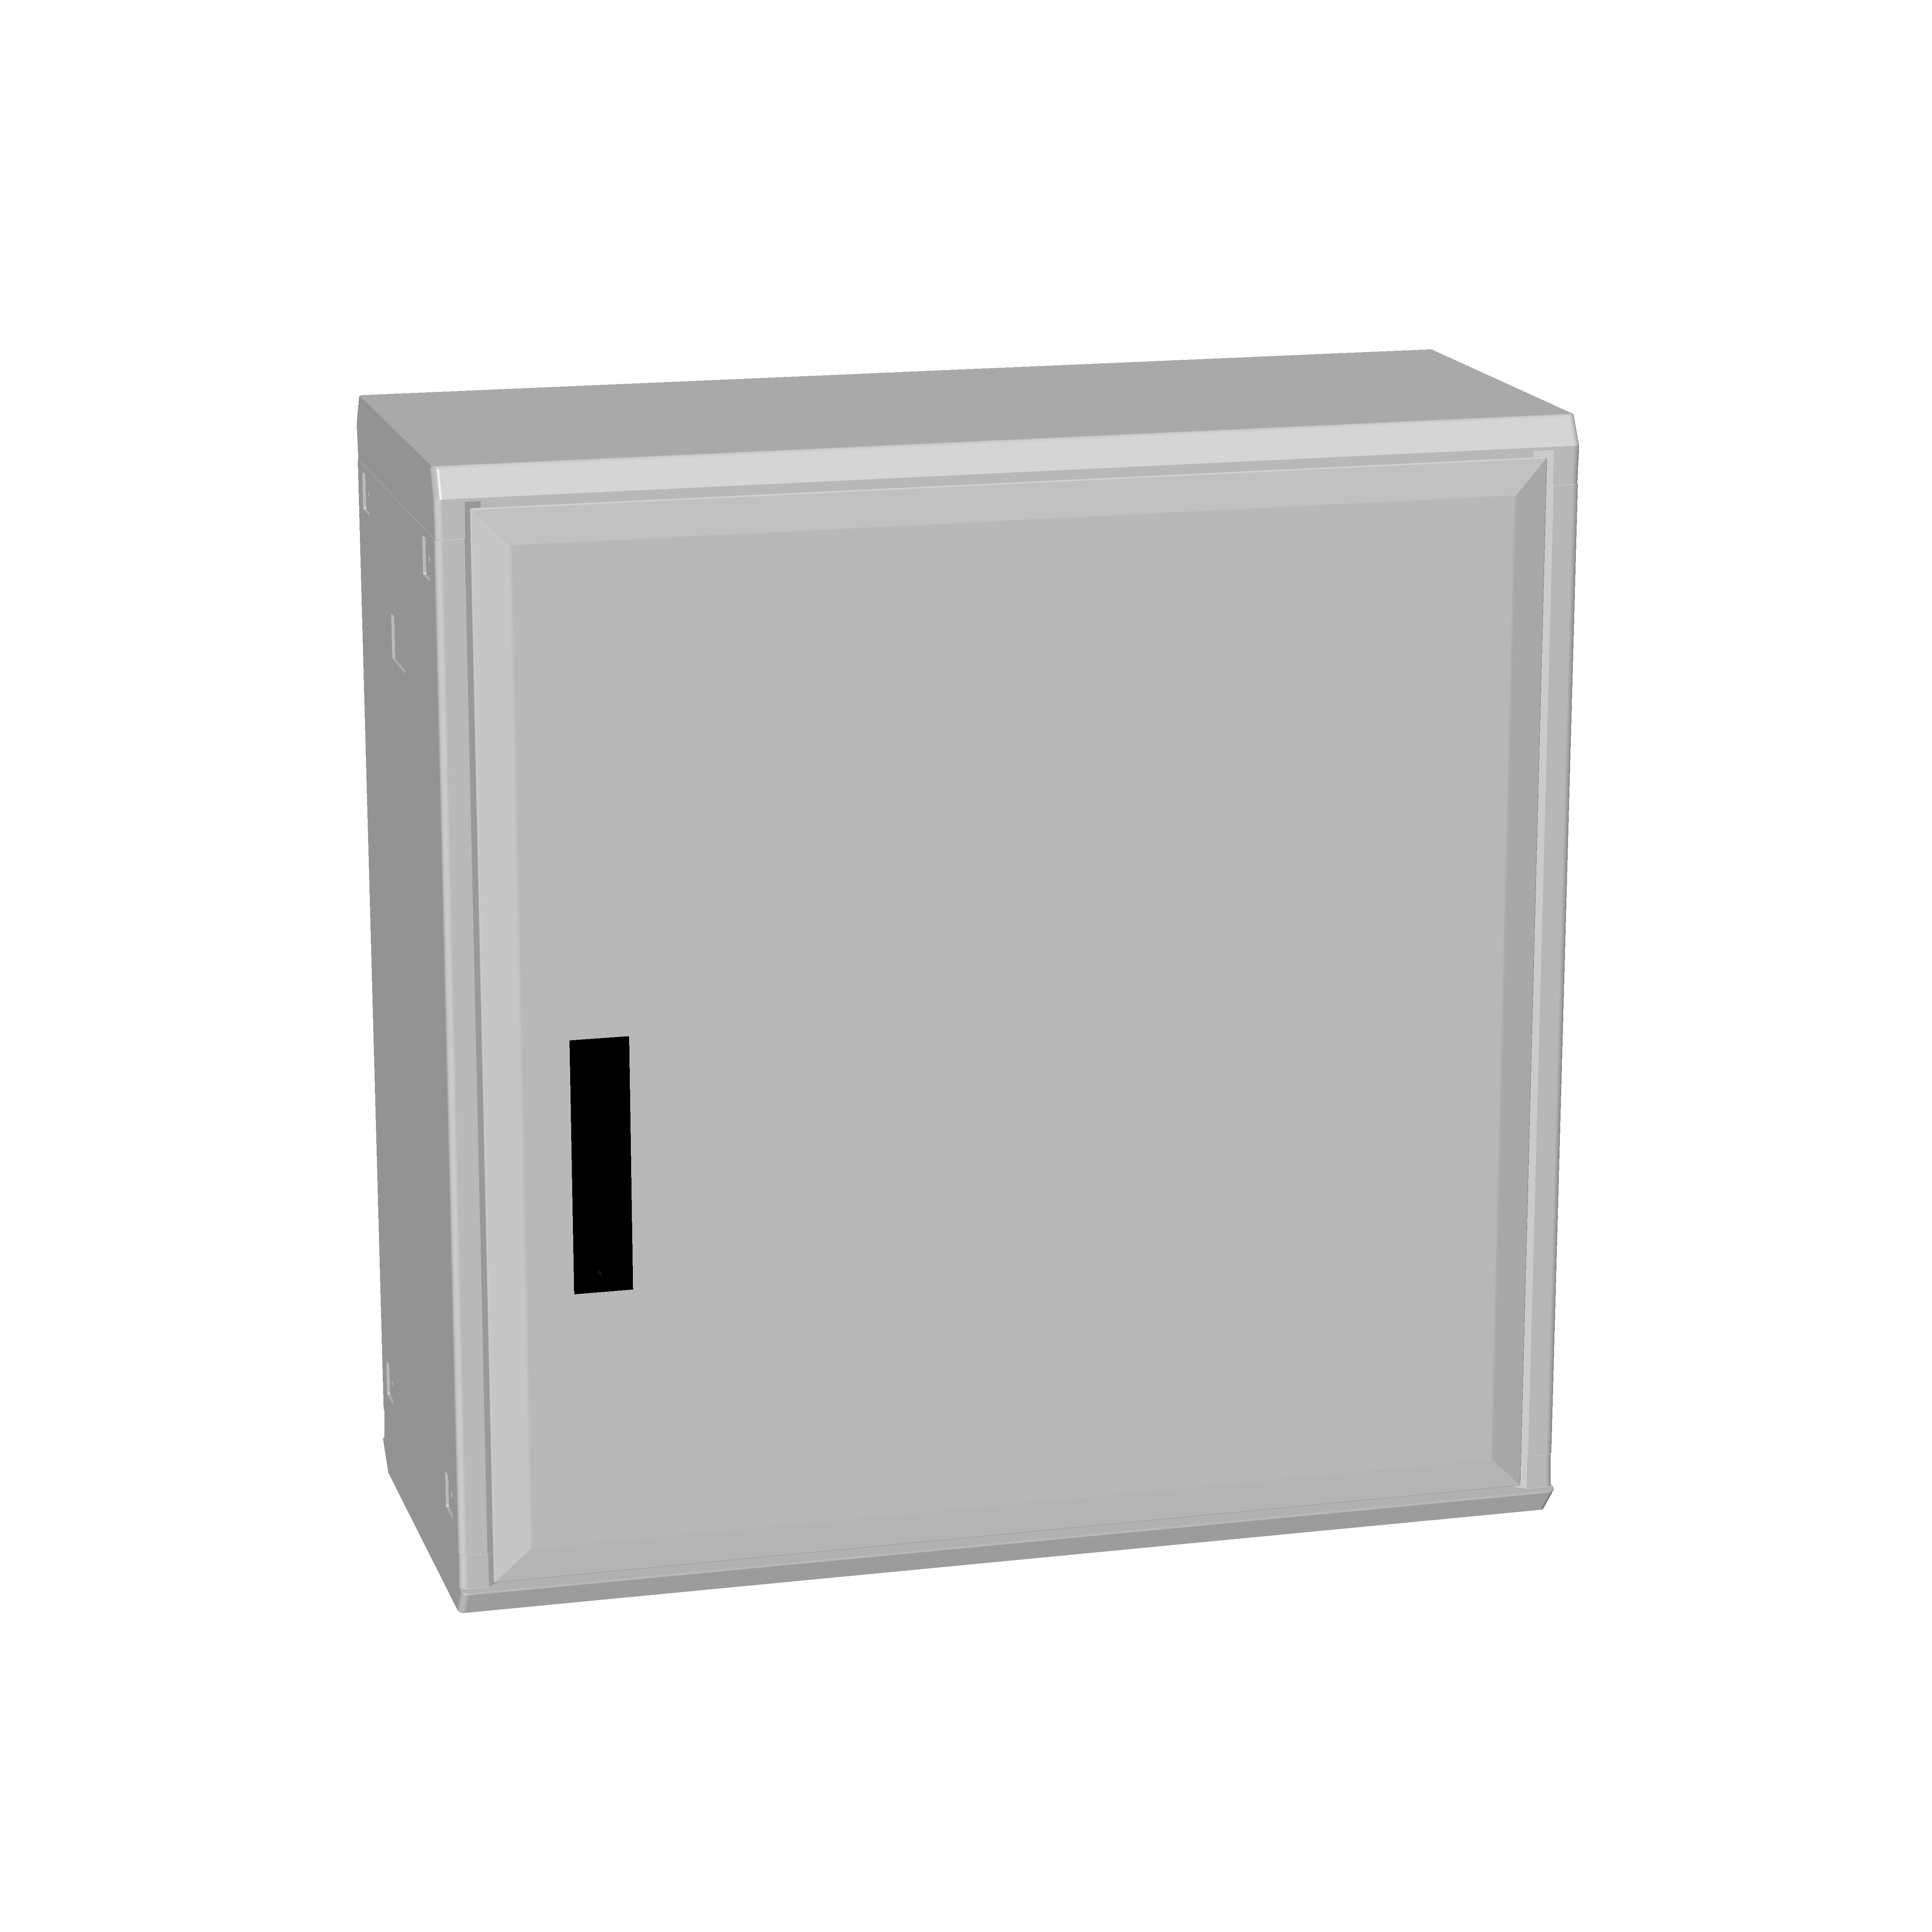 1 Stk Polyesterschrank, Boden offen, eintürig, 750x750x312 POCA3330--